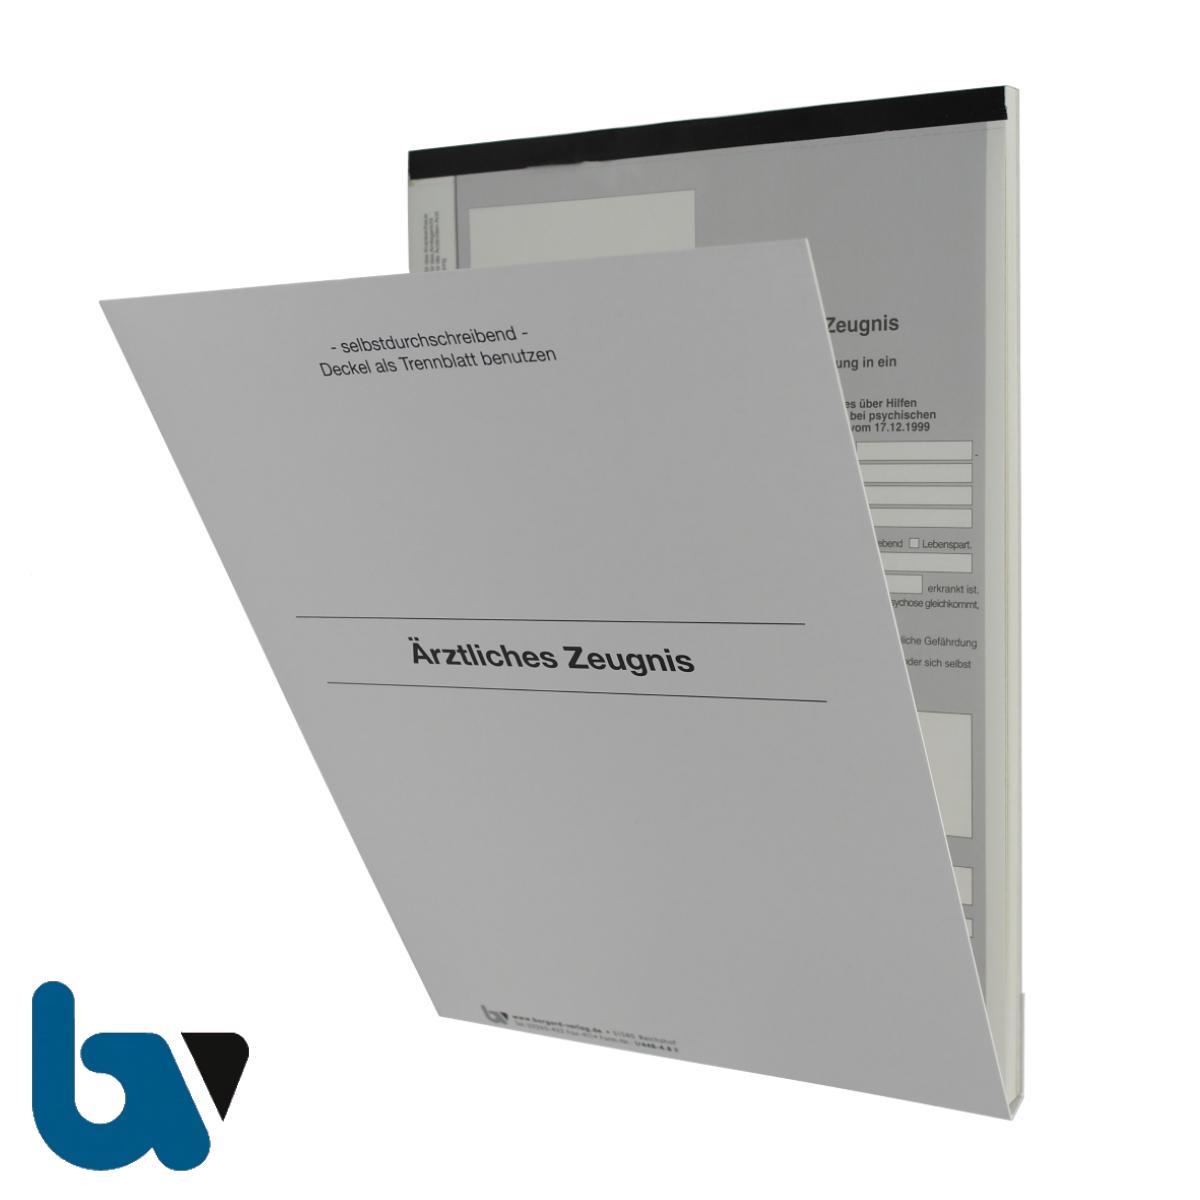 1/448-4.8 Ärztliches Zeugnis Unterbringung Krankenhaus Paragraph 14 PsychKG NRW 4-fach selbstdurchschreibend DIN A4 Außen | Borgard Verlag GmbH